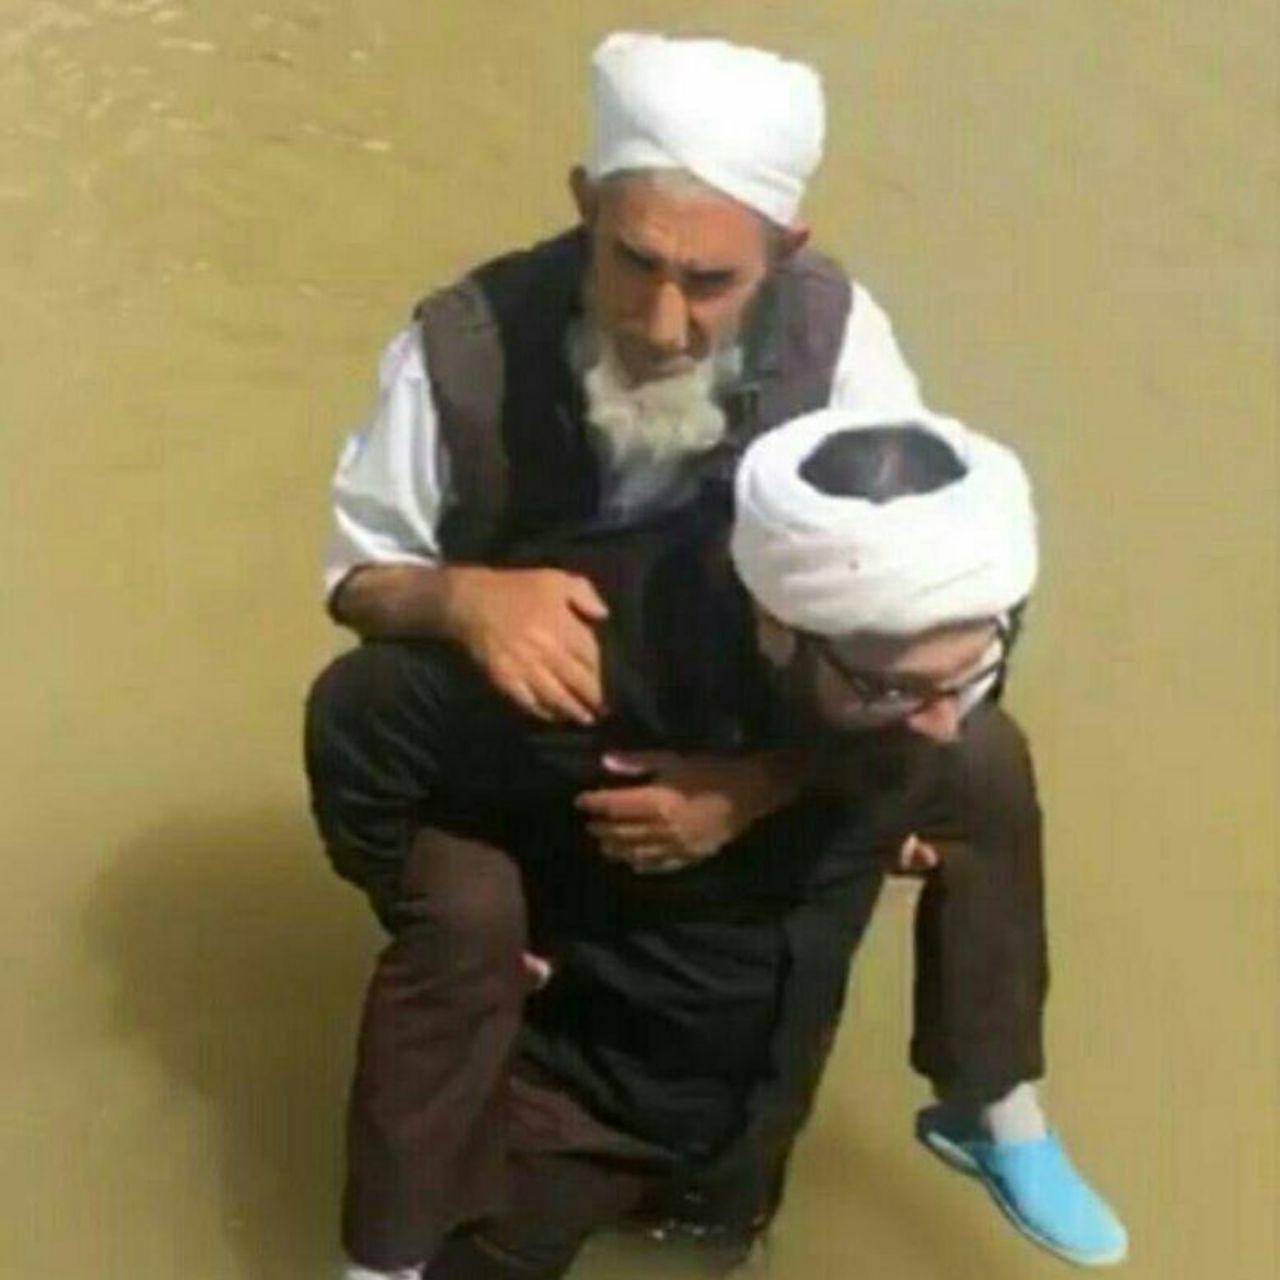 آخرین اخبار از مناطق سیلزده شنبه ۱۷ فروردین ماه/ پاکسازی معابر پلدختر تا ۳ روز دیگر/ دستور تخلیه ۱۶ شهر خوزستان صادر شد +فیلم و تصاویر